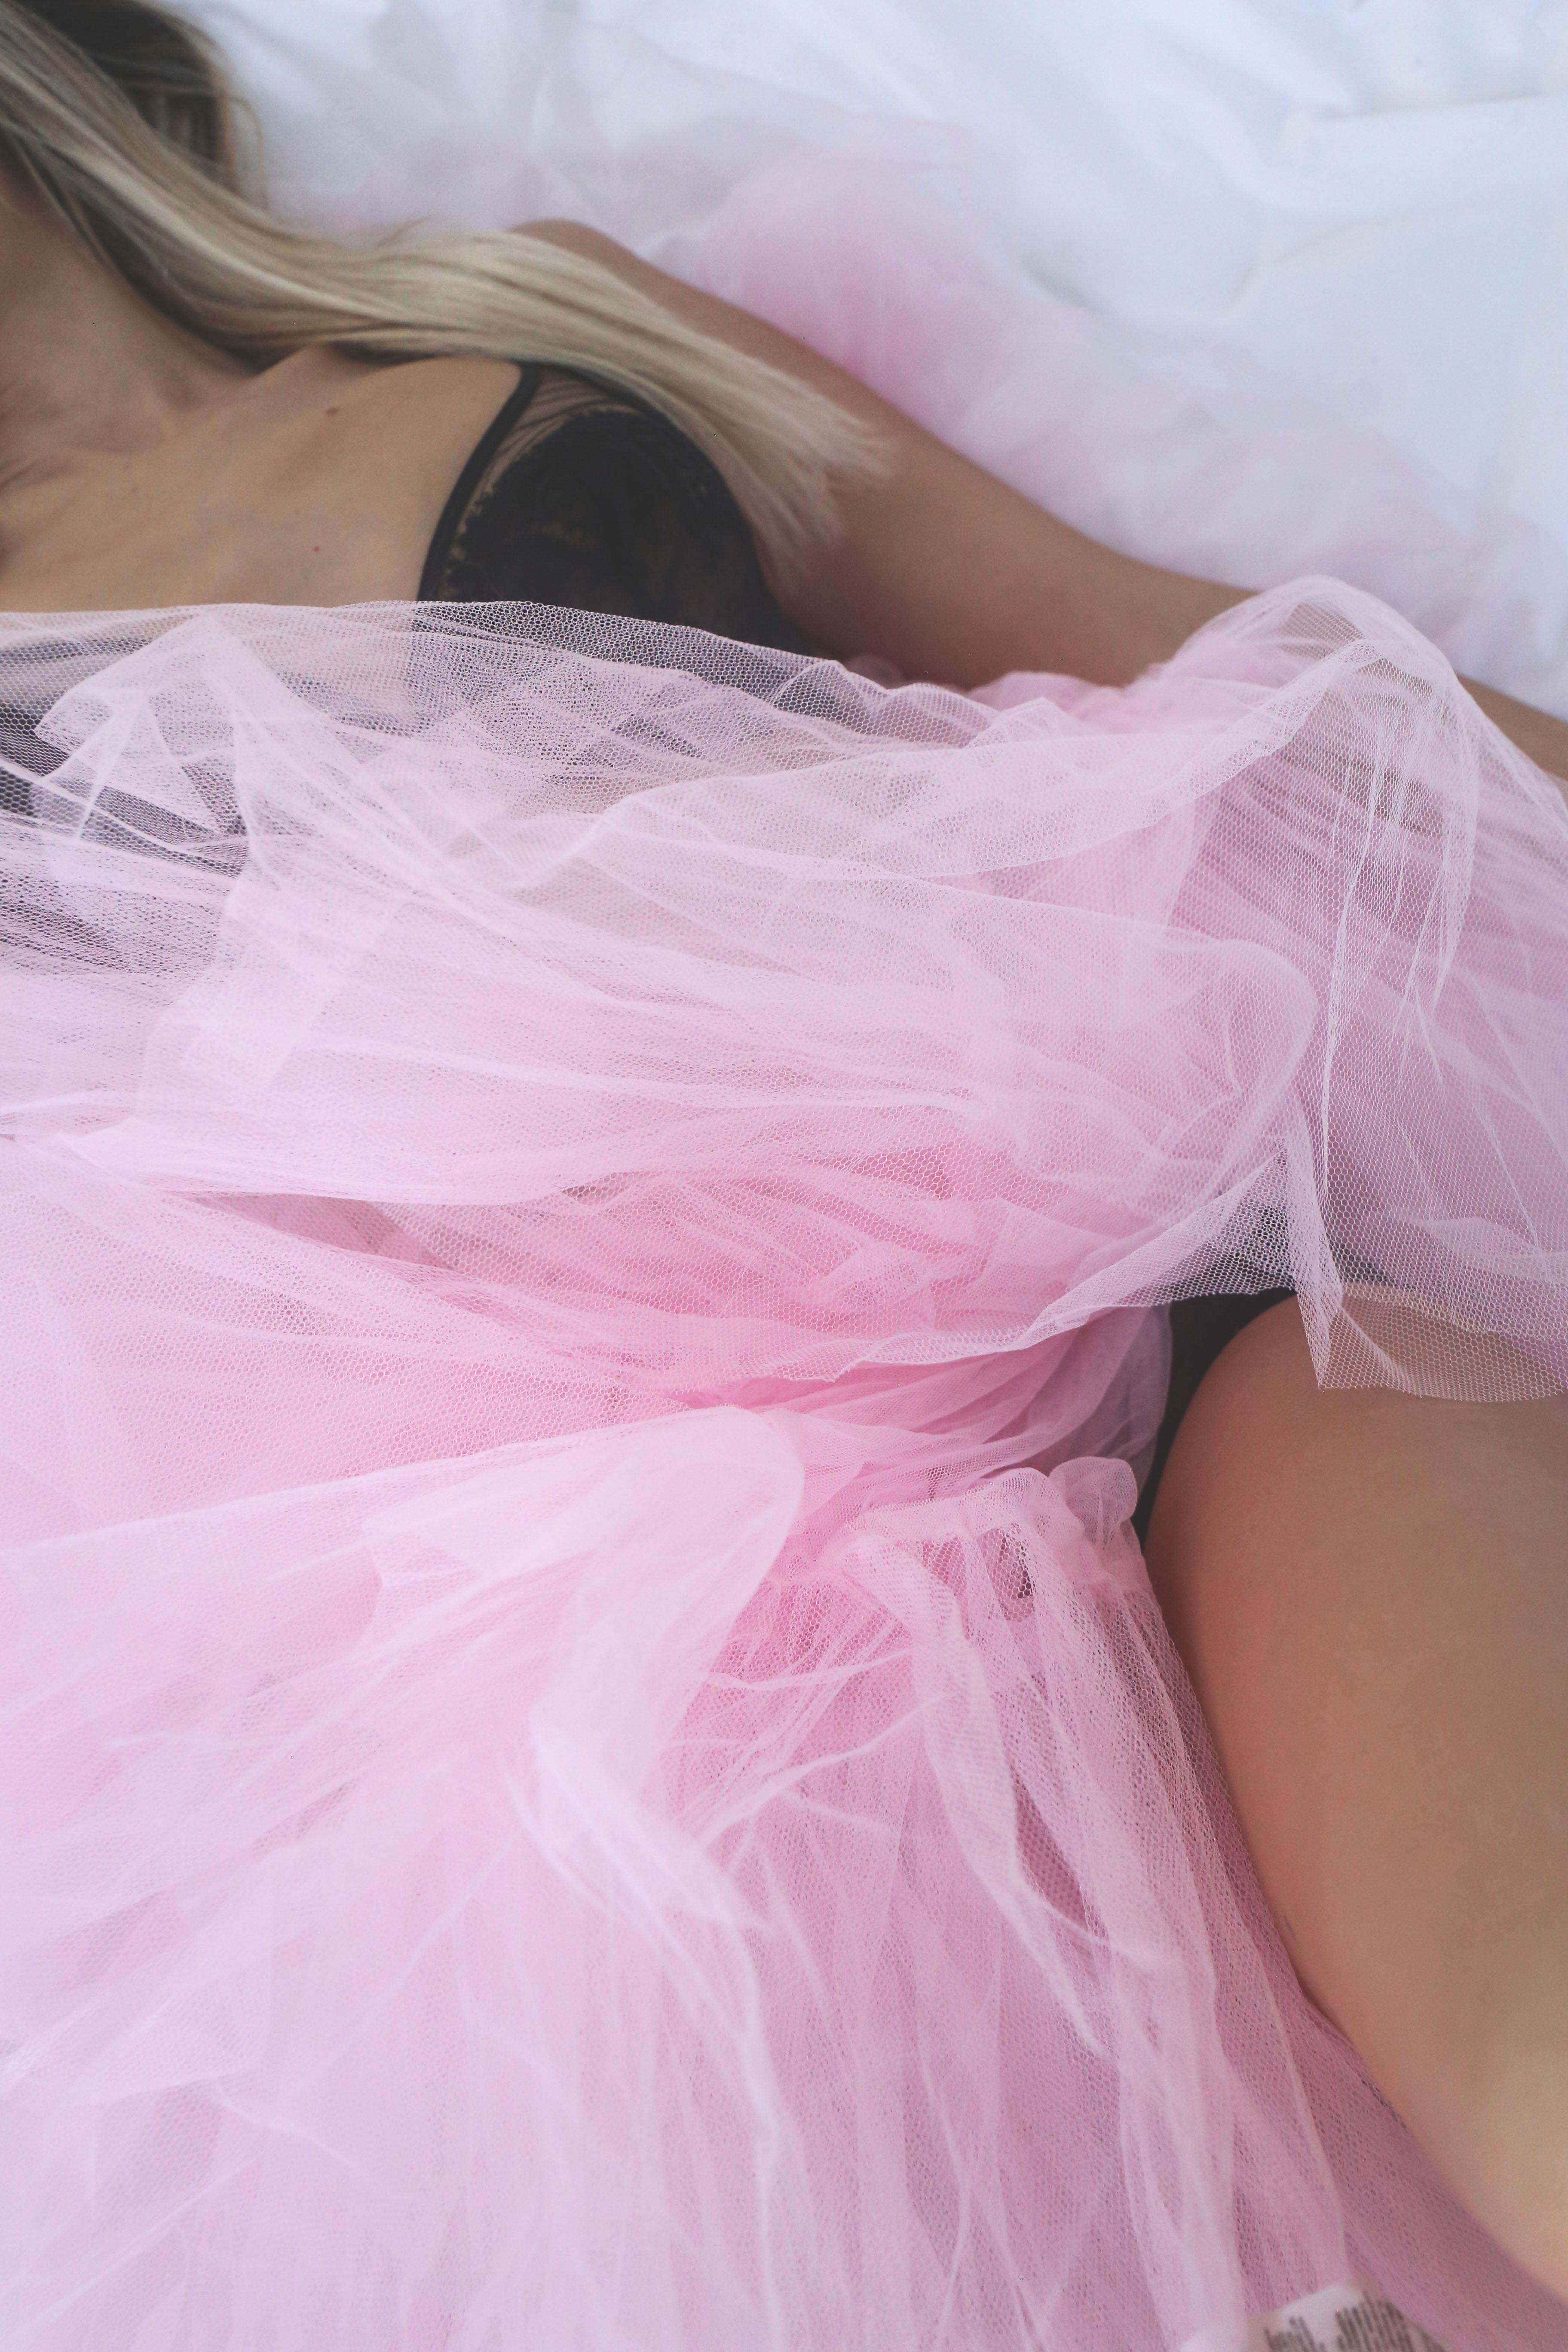 lingerie blog